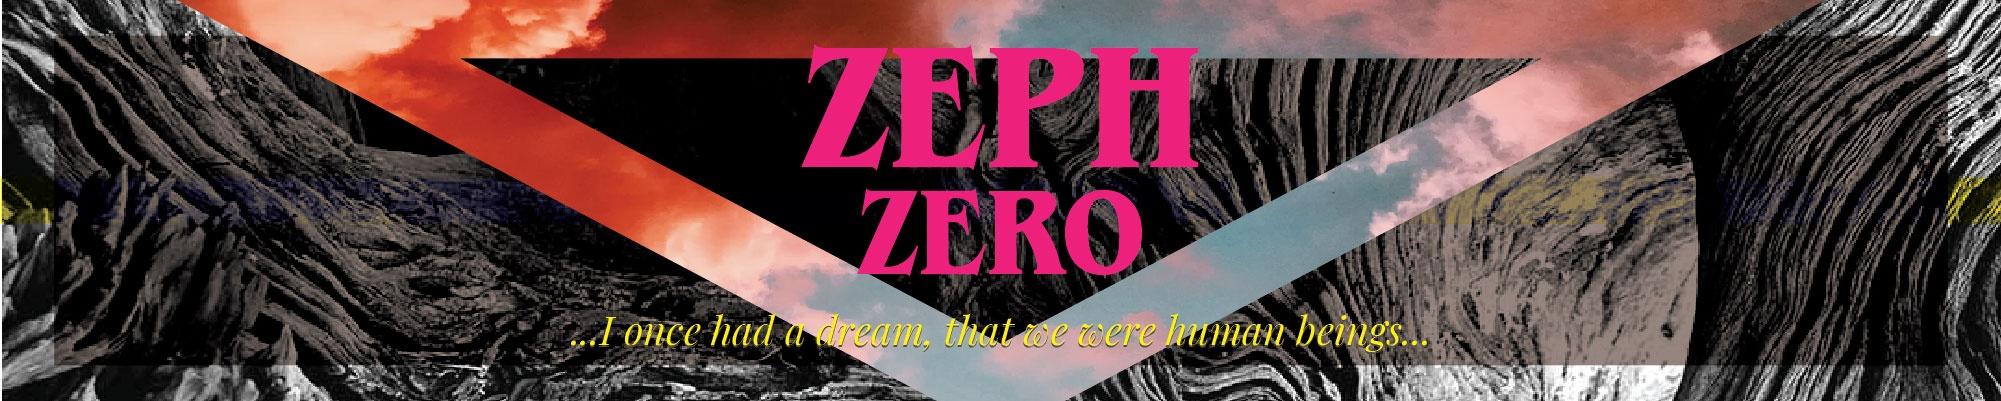 zephzero Cover